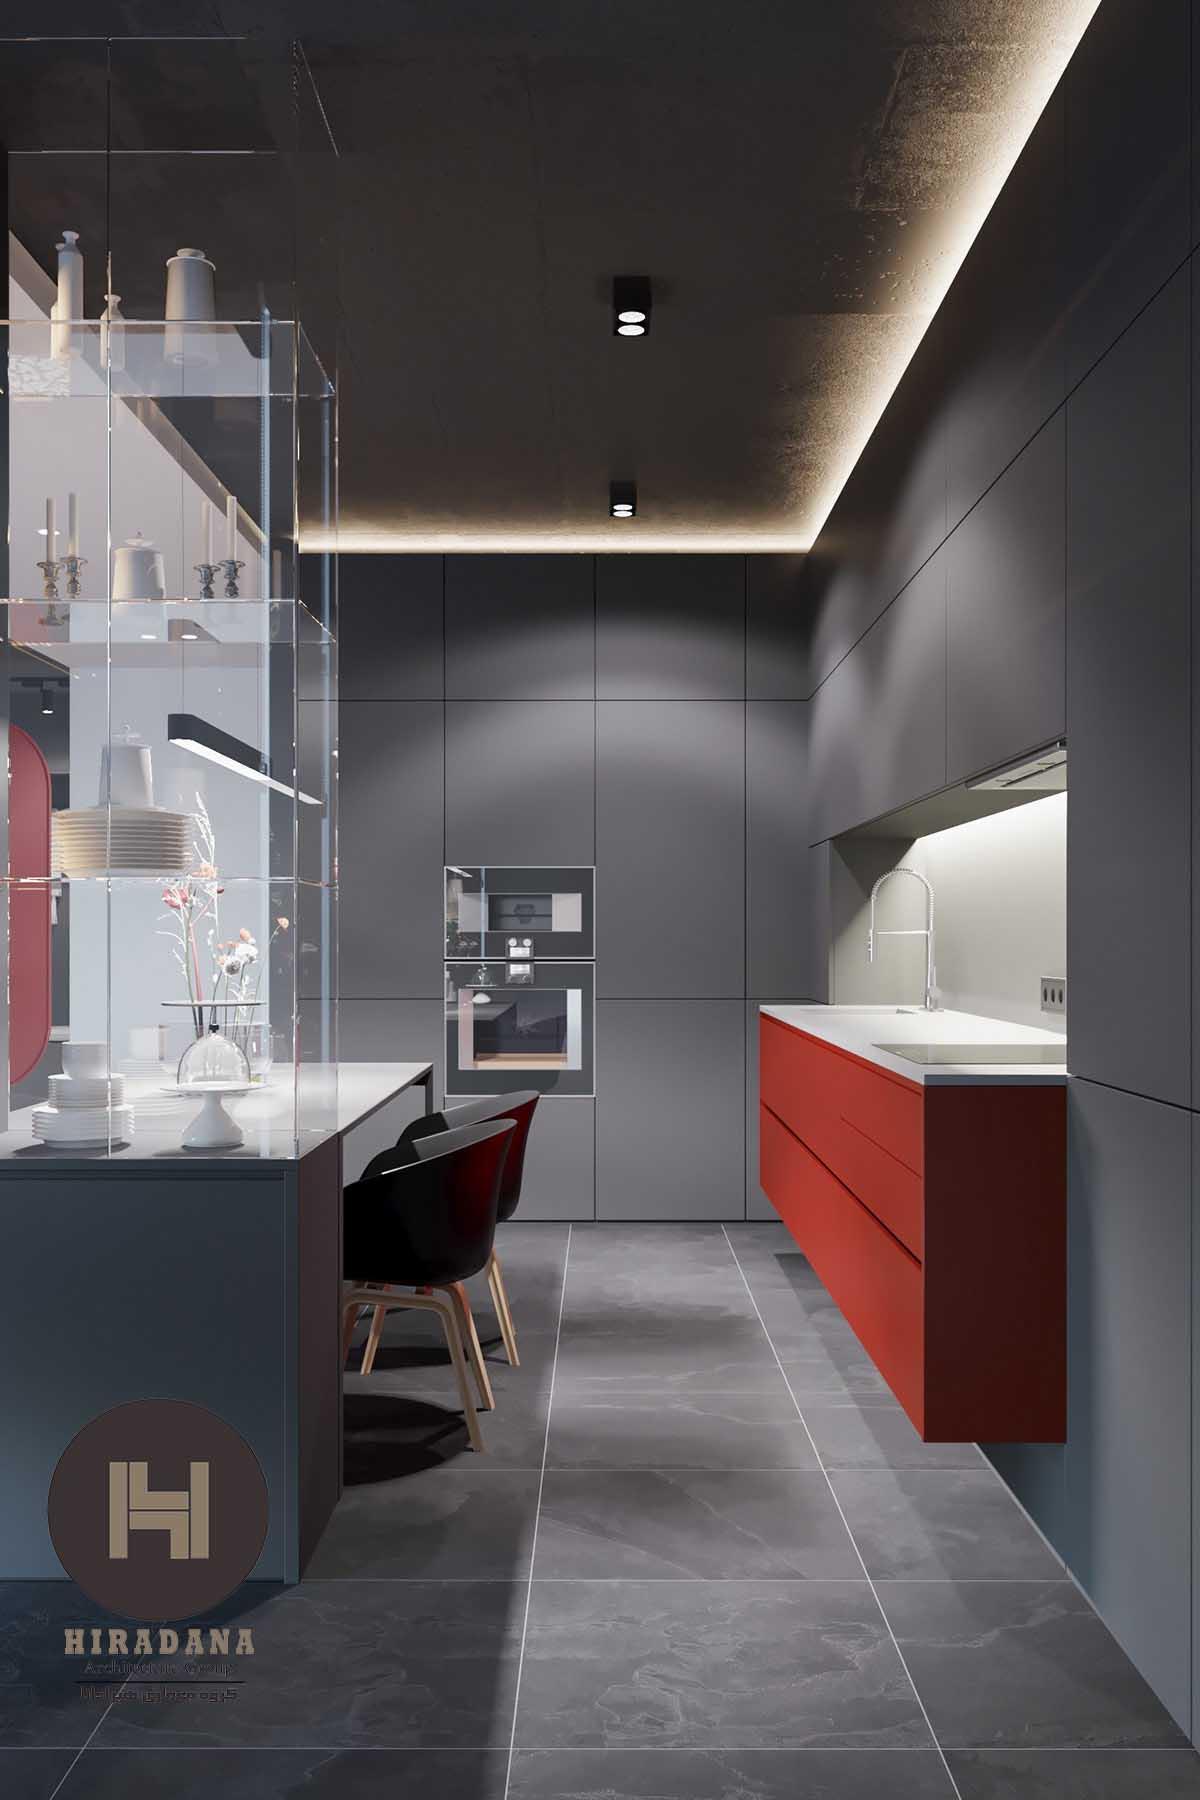 طراحی دکوراسیون داخلی مدرن با رنگ های قرمز و خاکستری